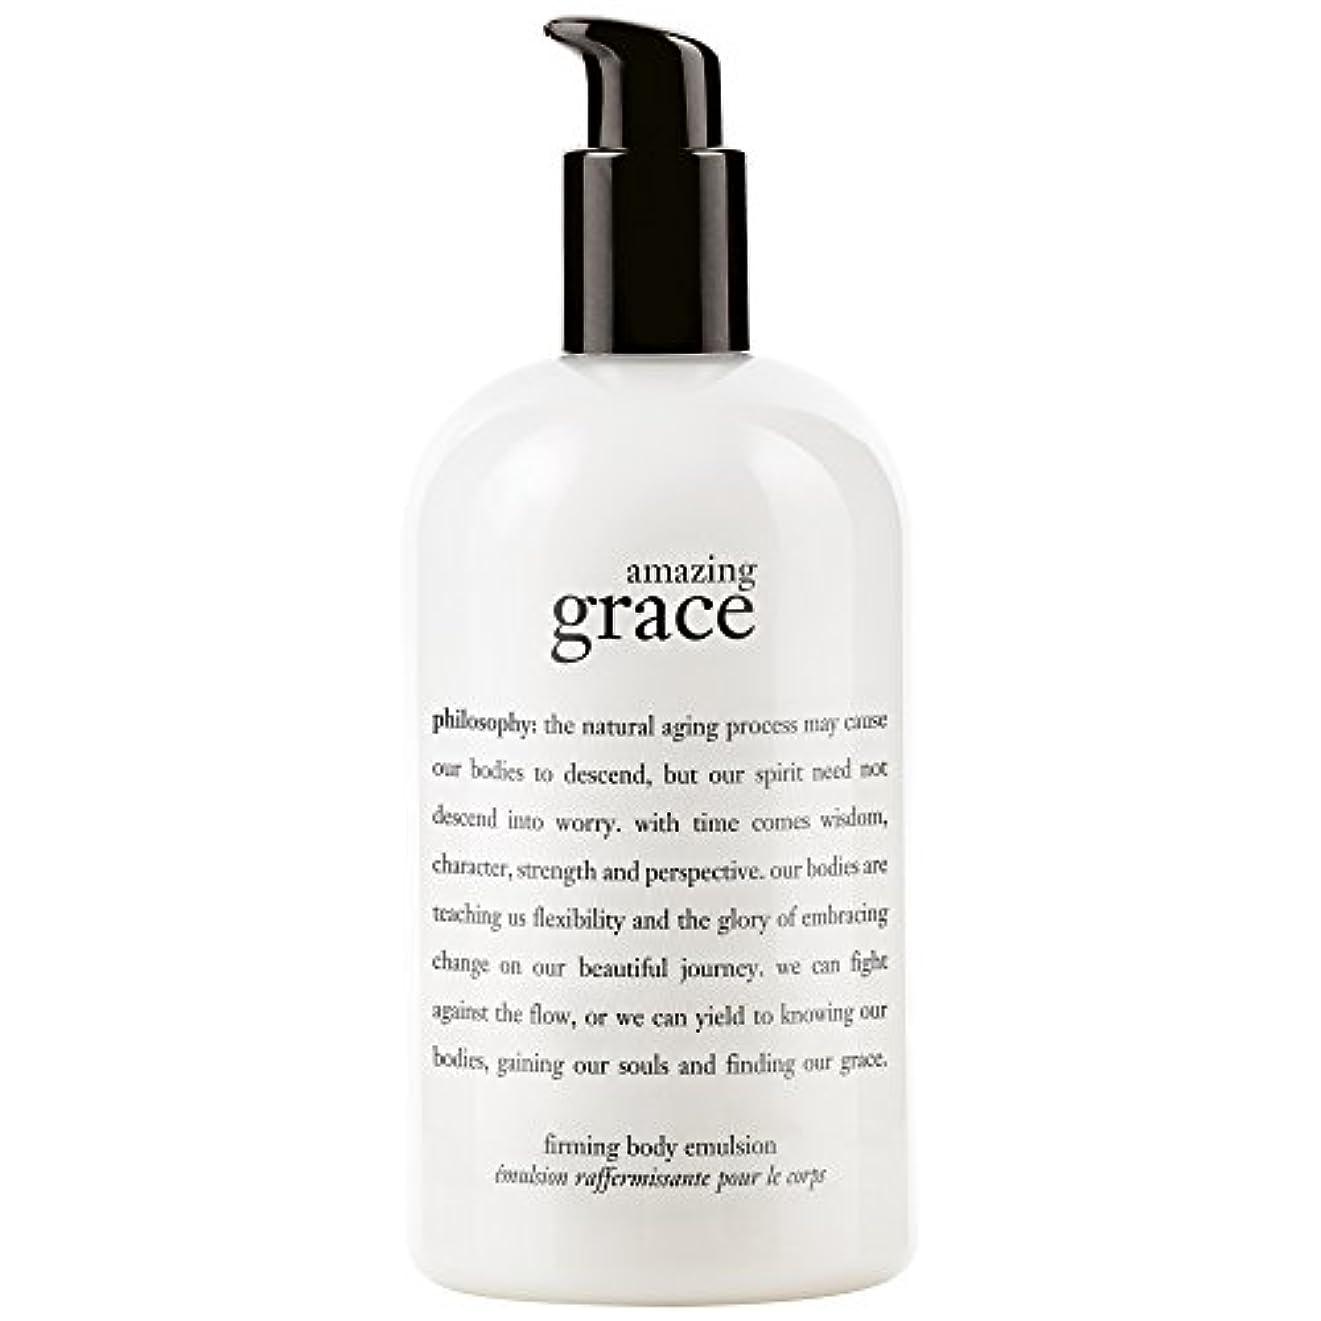 哲学驚くべき恵み引き締めボディエマルジョン480ミリリットル (Philosophy) - Philosophy Amazing Grace Firming Body Emulsion 480ml [並行輸入品]